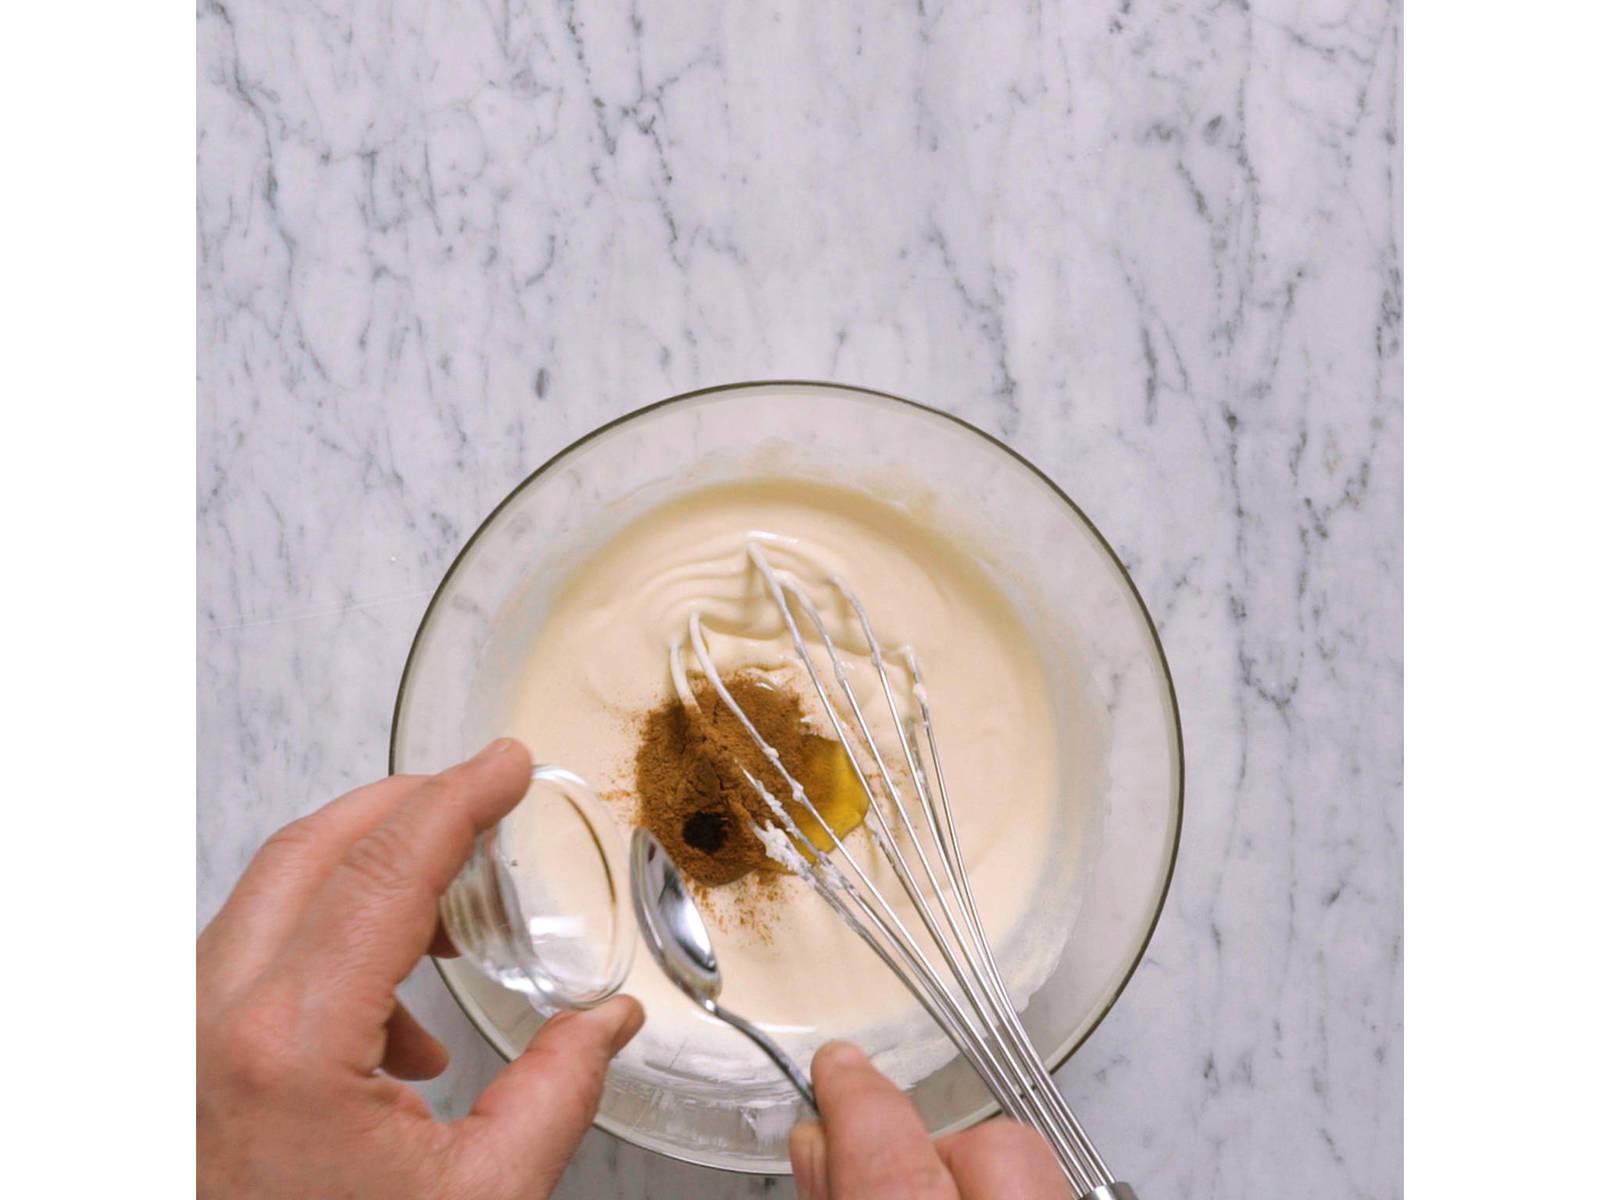 肉桂奶油:在小碗中搅拌糖和蛋黄,直至发泡和质地轻盈。拌进马斯卡帕尼乳酪、蜂蜜、香草籽和肉桂。冷藏15-20分钟。